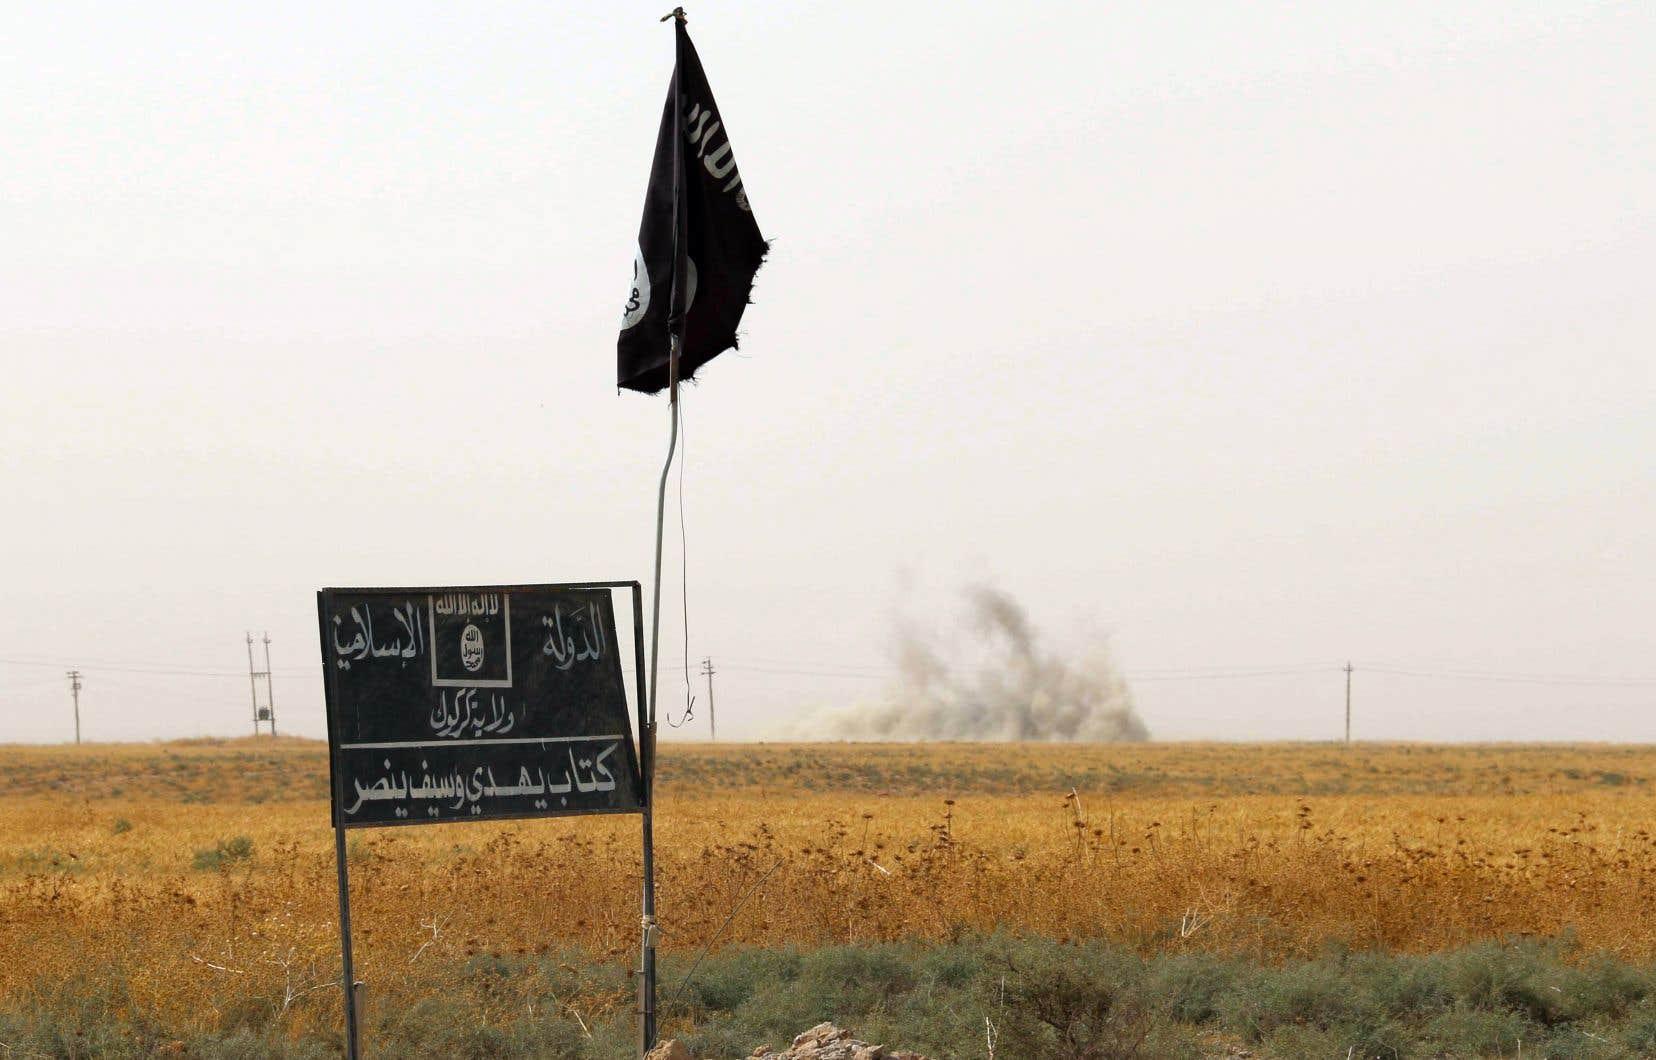 De la fumée se dresse derrière un drapeau et une bannière du groupe État islamique, dans le district de Daquq, en 2015.